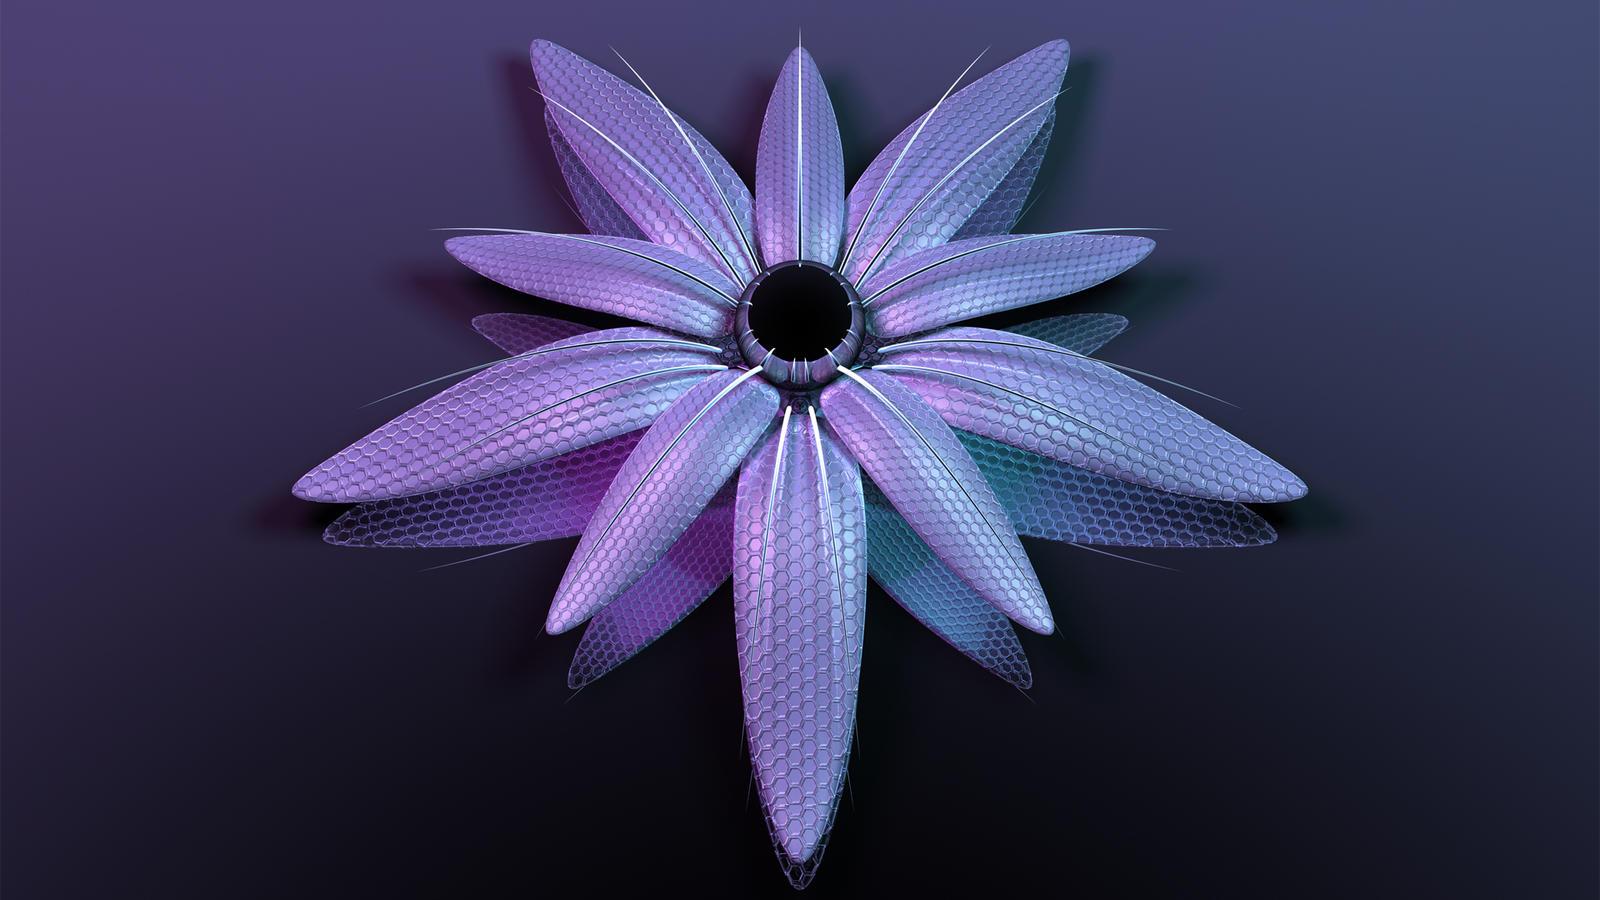 Hexa - Flora by TylerXy